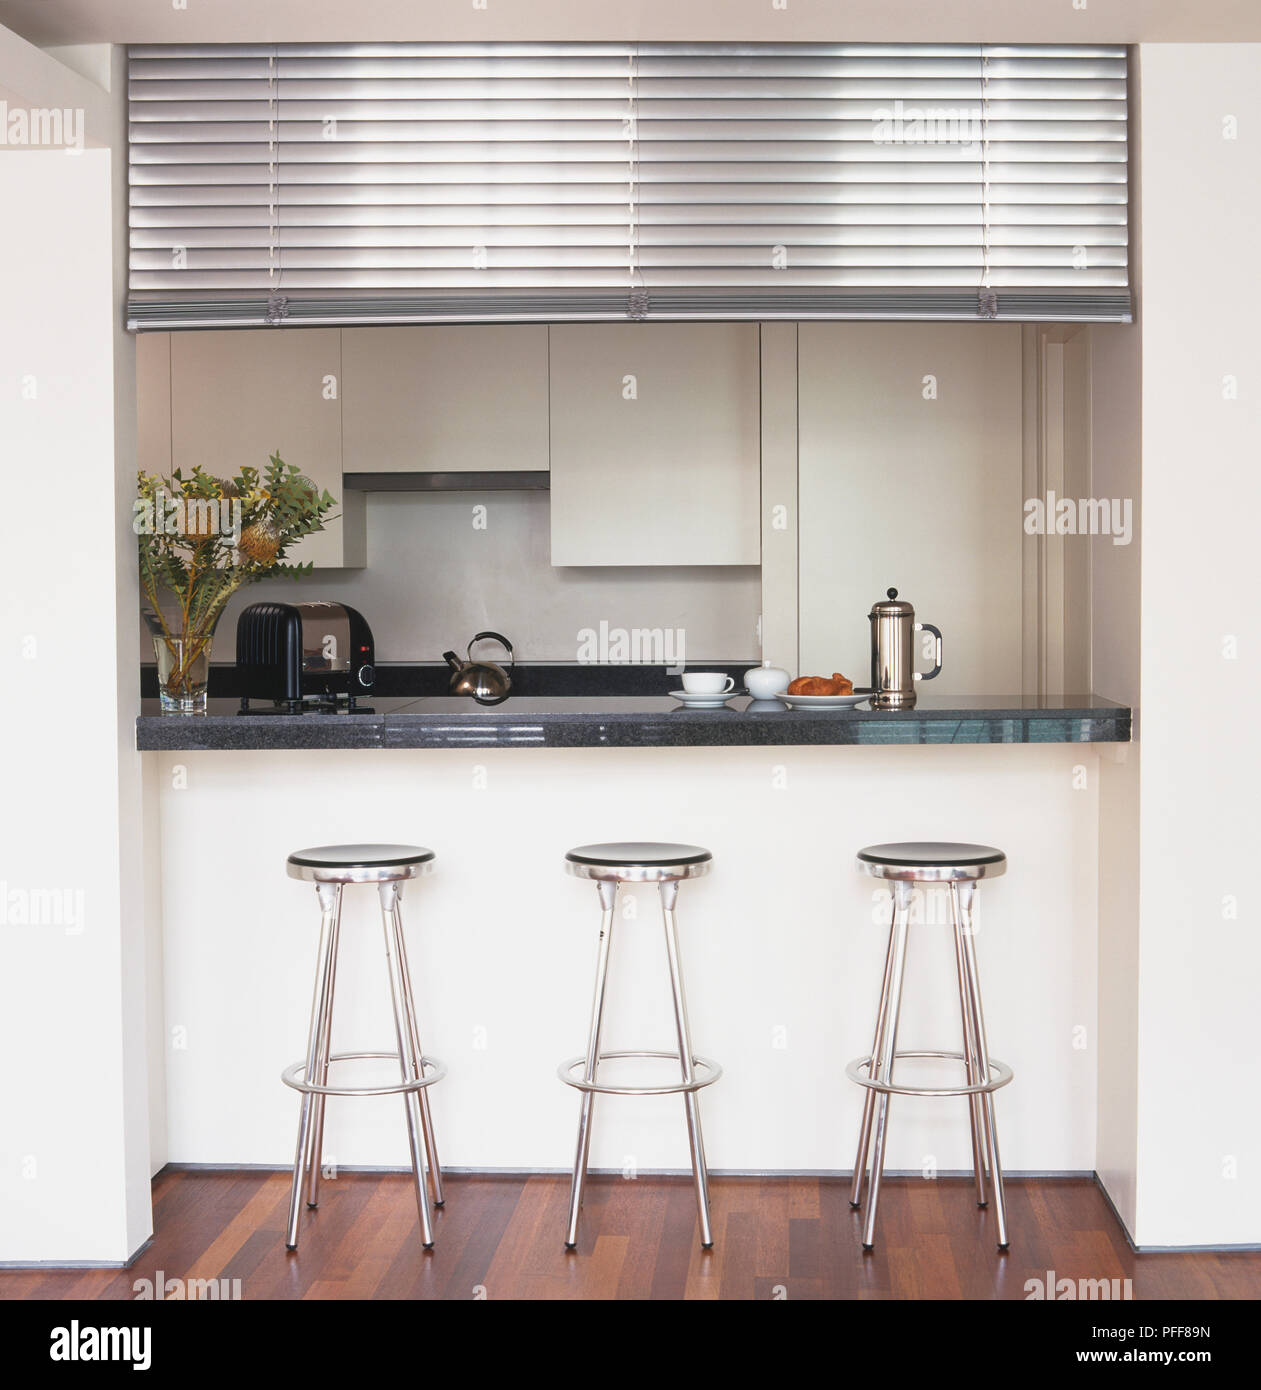 Drei metall Hocker gesäumt von Diner Stil Fenster - Bar in ...